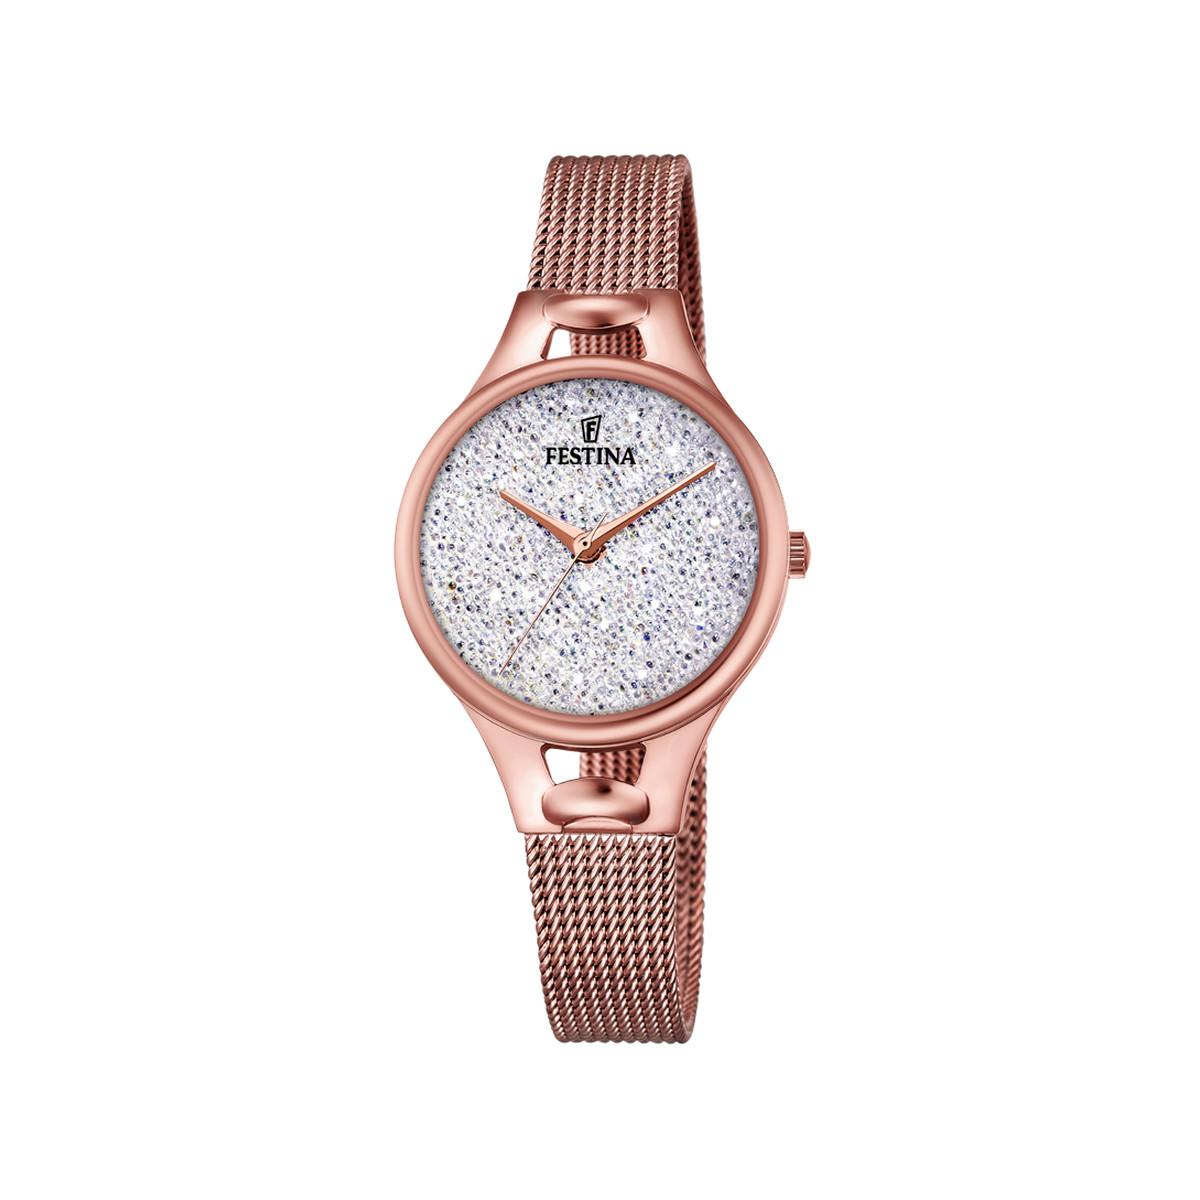 ad963cc4f0734 Montre Festina femme acier doré rose cristaux - Femme - modèle ...